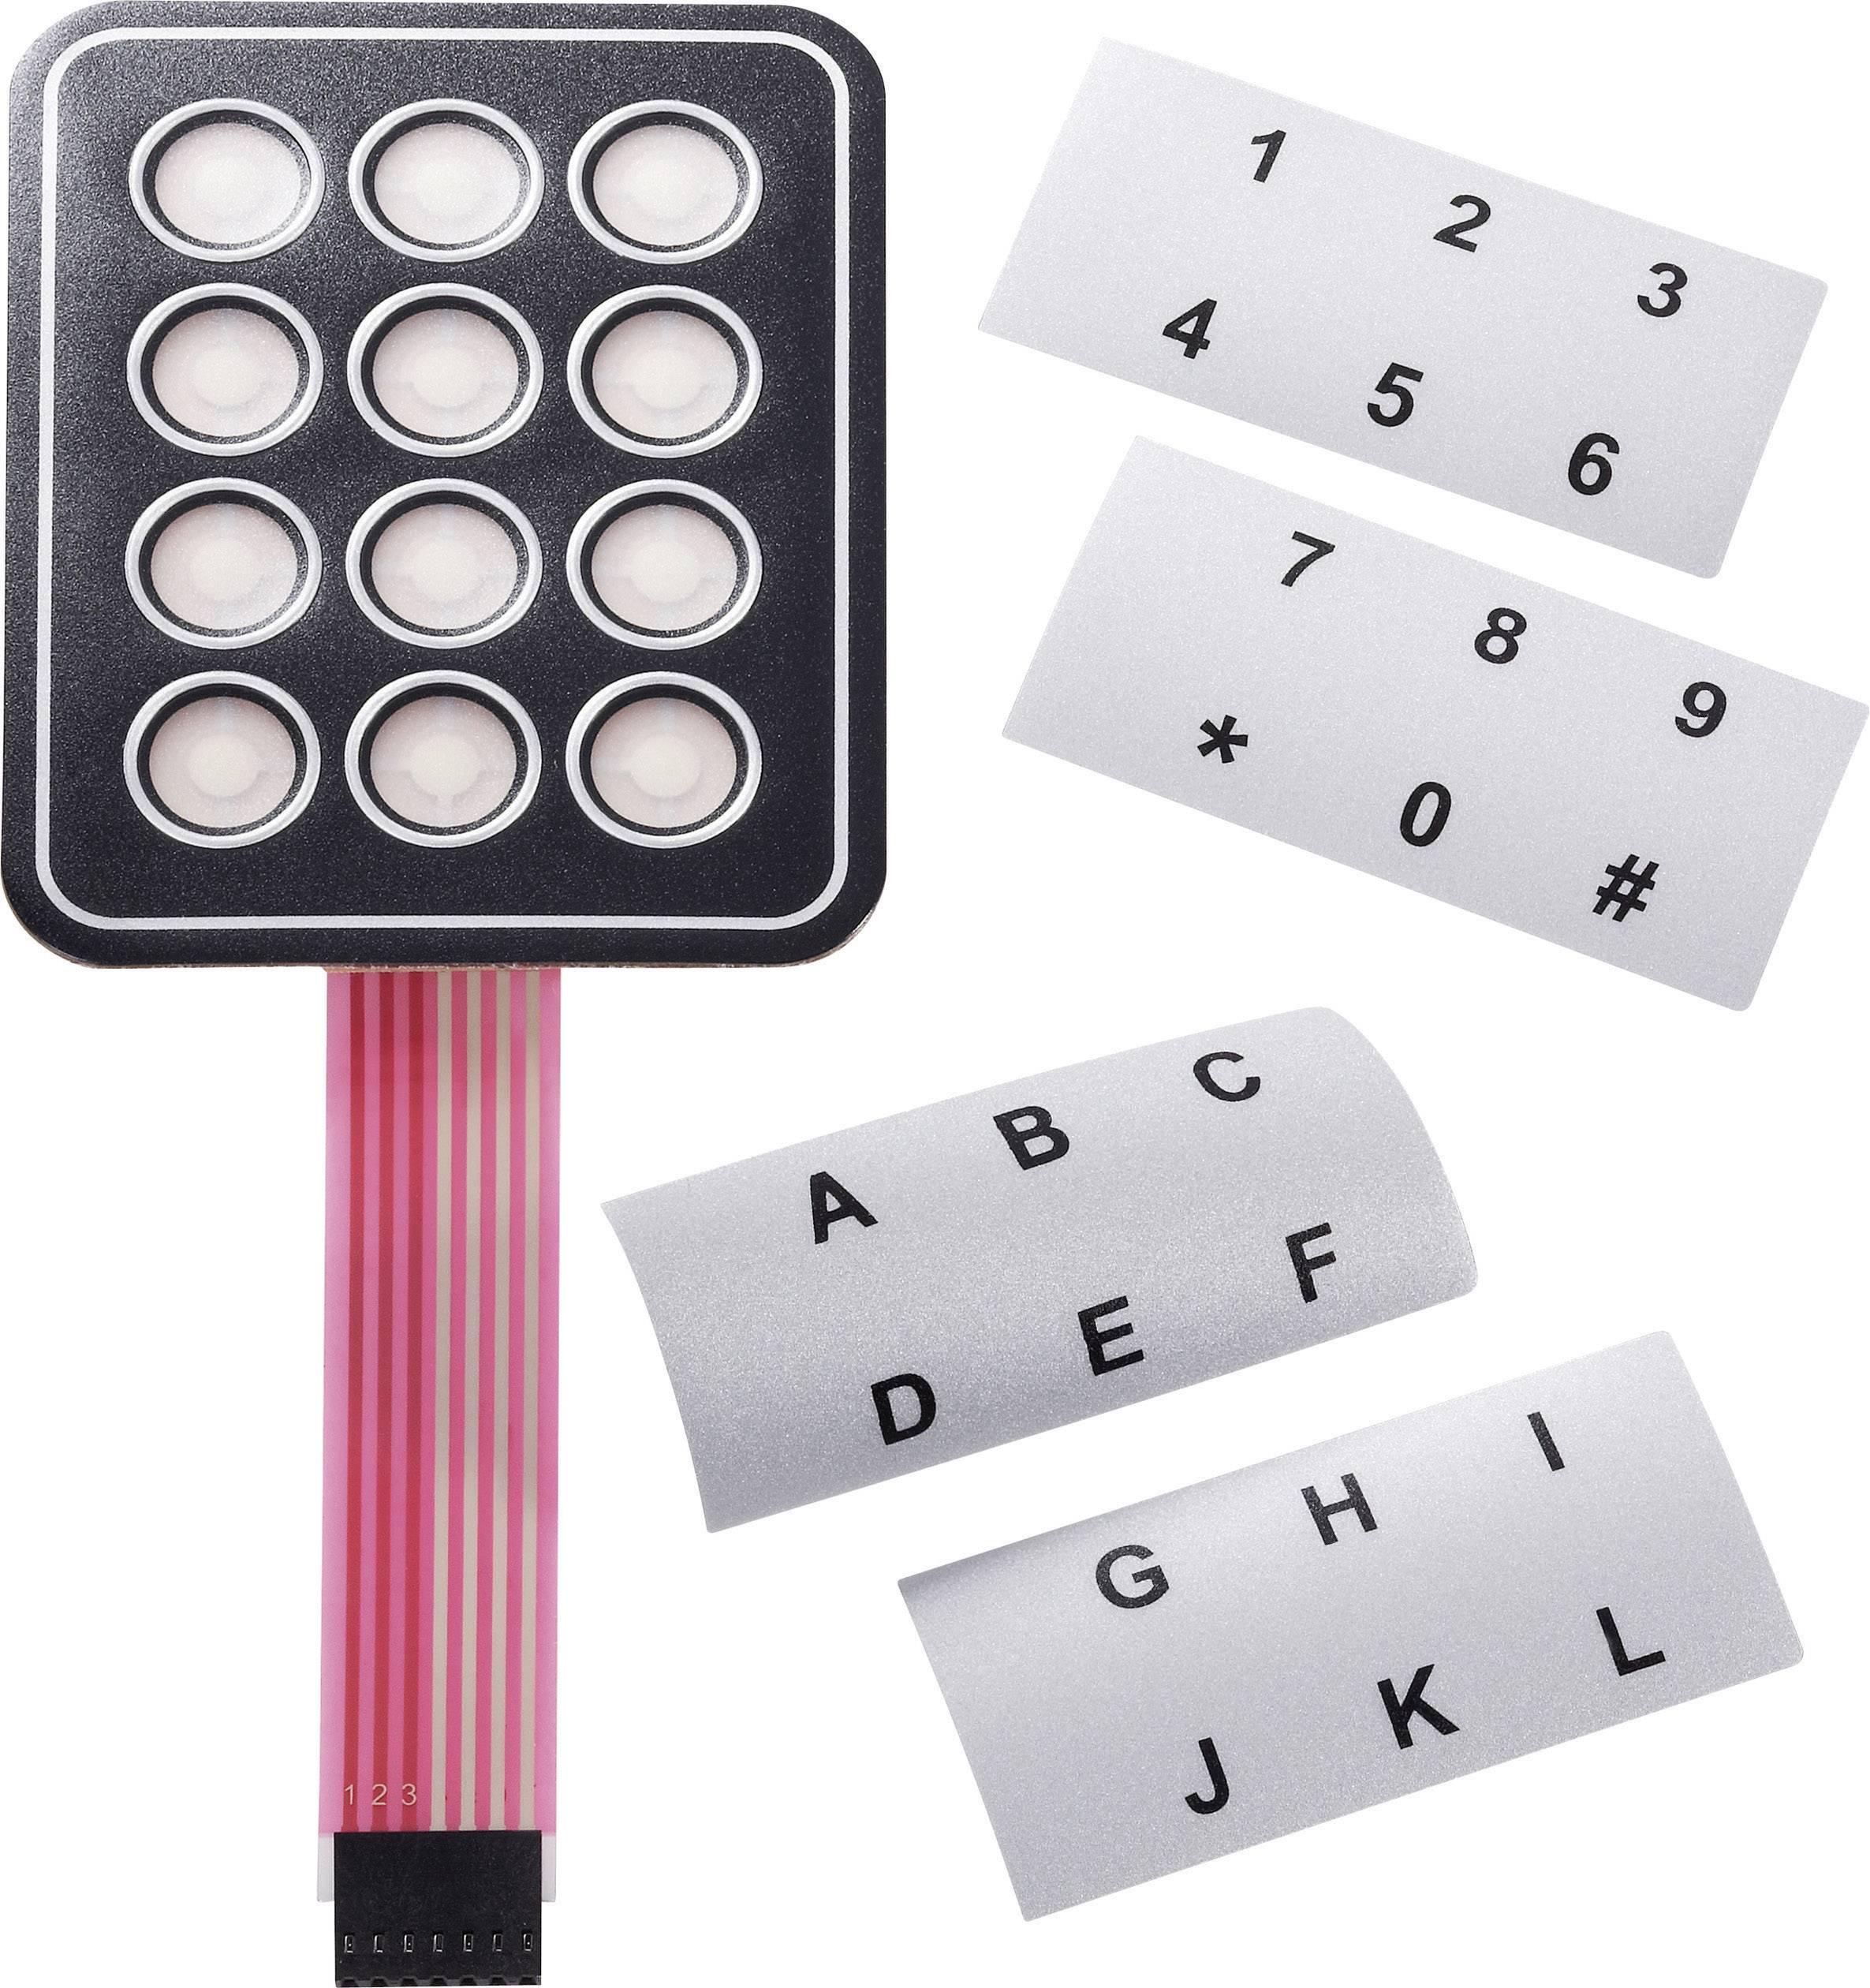 Foliová klávesnice samolepicí APEM AC3534, s popisným proužkem 3 x 4, 1 ks